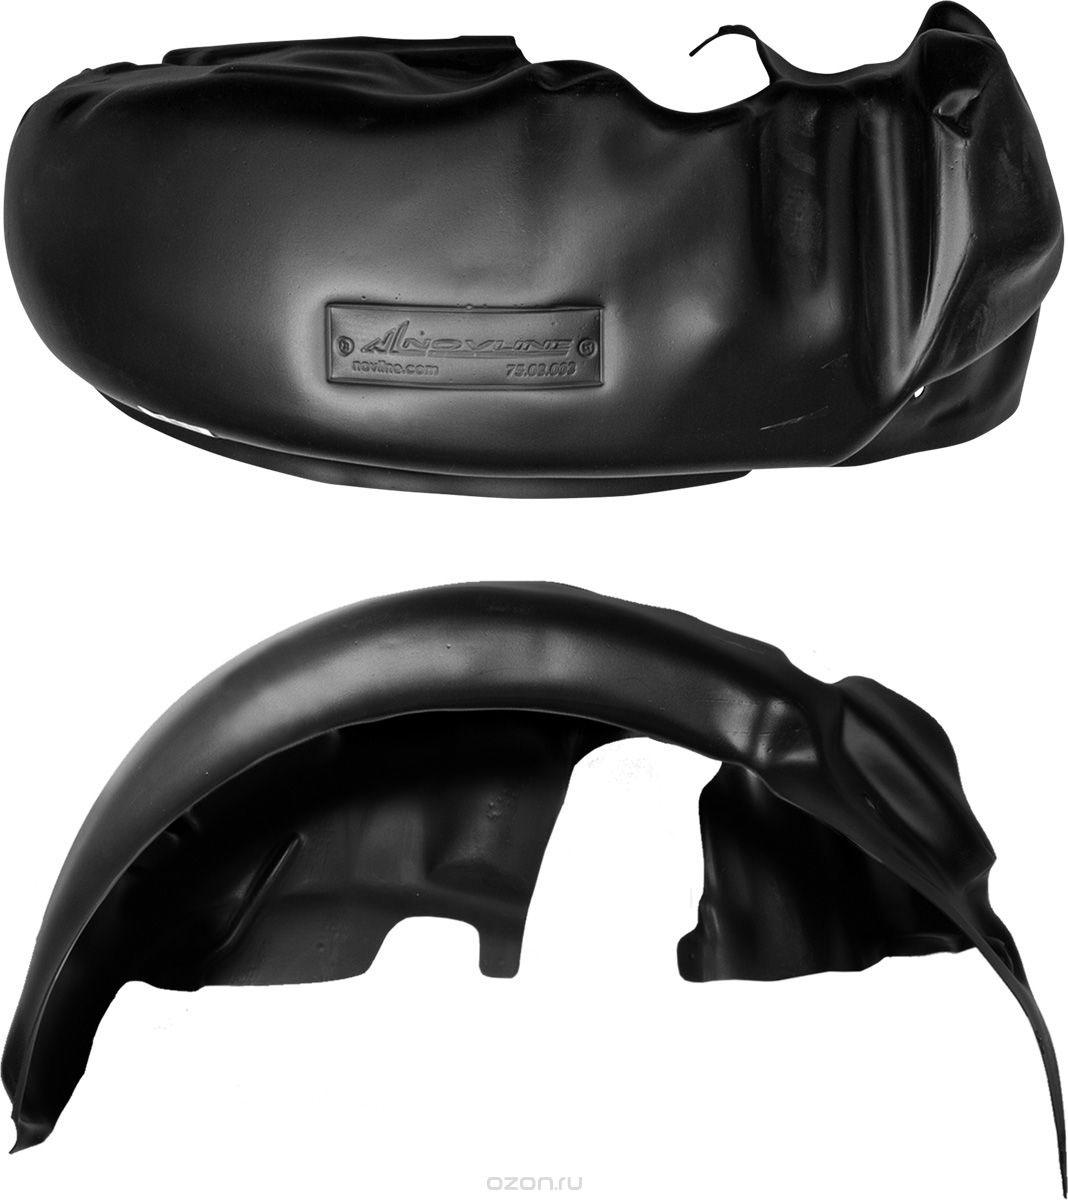 Подкрылок Novline-Autofamily, для Ford Fiesta, 2015->, седан/хэтчбек, передний правыйNLL.16.60.002Идеальная защита колесной ниши. Локеры разработаны с применением цифровых технологий, гарантируют максимальную повторяемость поверхности арки. Изделия устанавливаются без нарушения лакокрасочного покрытия автомобиля, каждый подкрылок комплектуется крепежом. Уважаемые клиенты, обращаем ваше внимание, что фотографии на подкрылки универсальные и не отражают реальную форму изделия. При этом само изделие идет точно под размер указанного автомобиля.